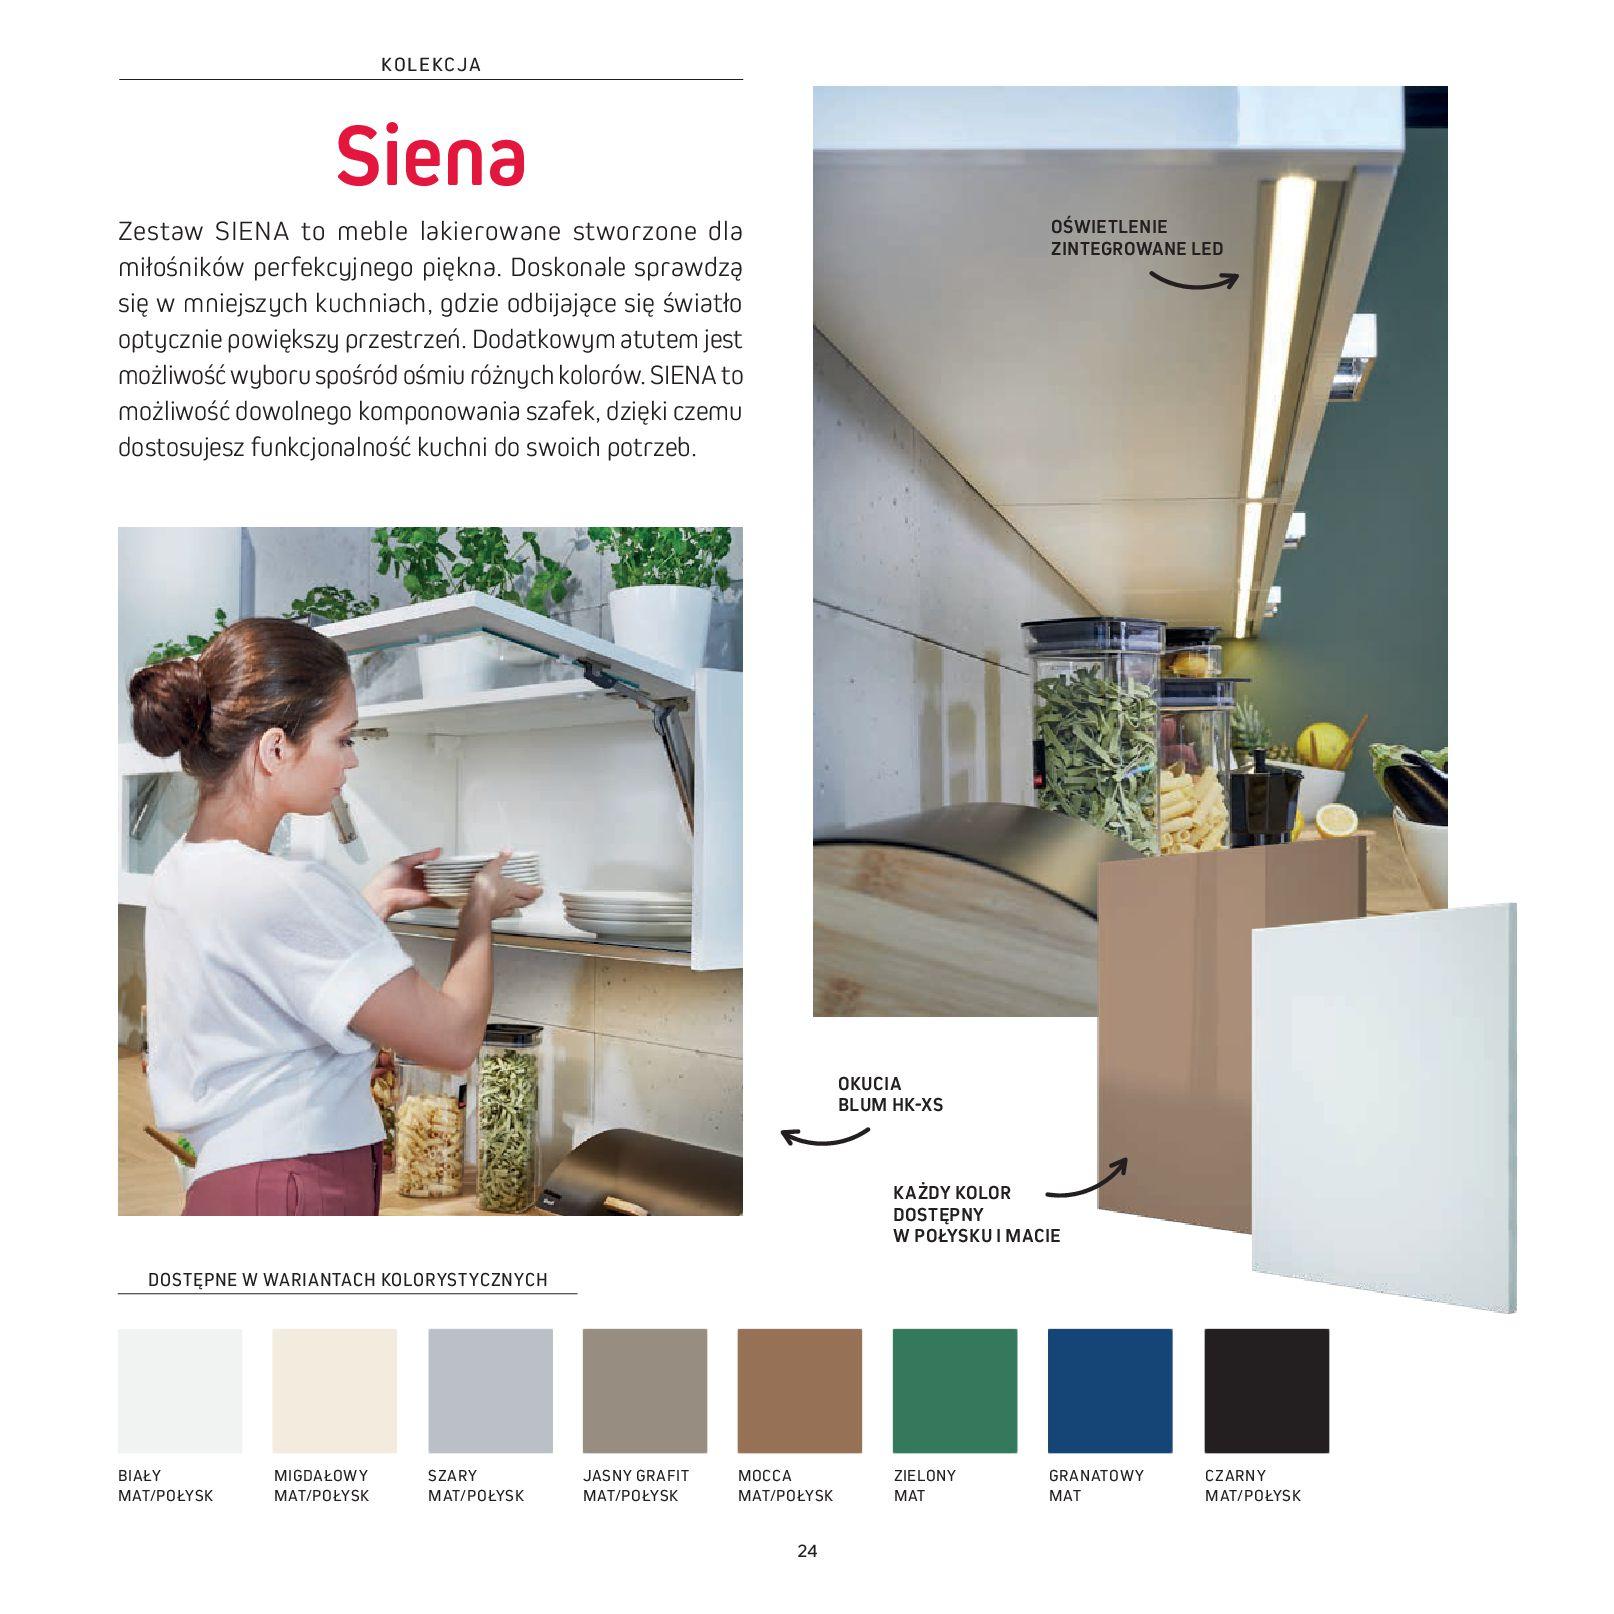 Gazetka Komfort: Gazetka Komfort - Katalog Kuchnie 2021 2021-06-16 page-26